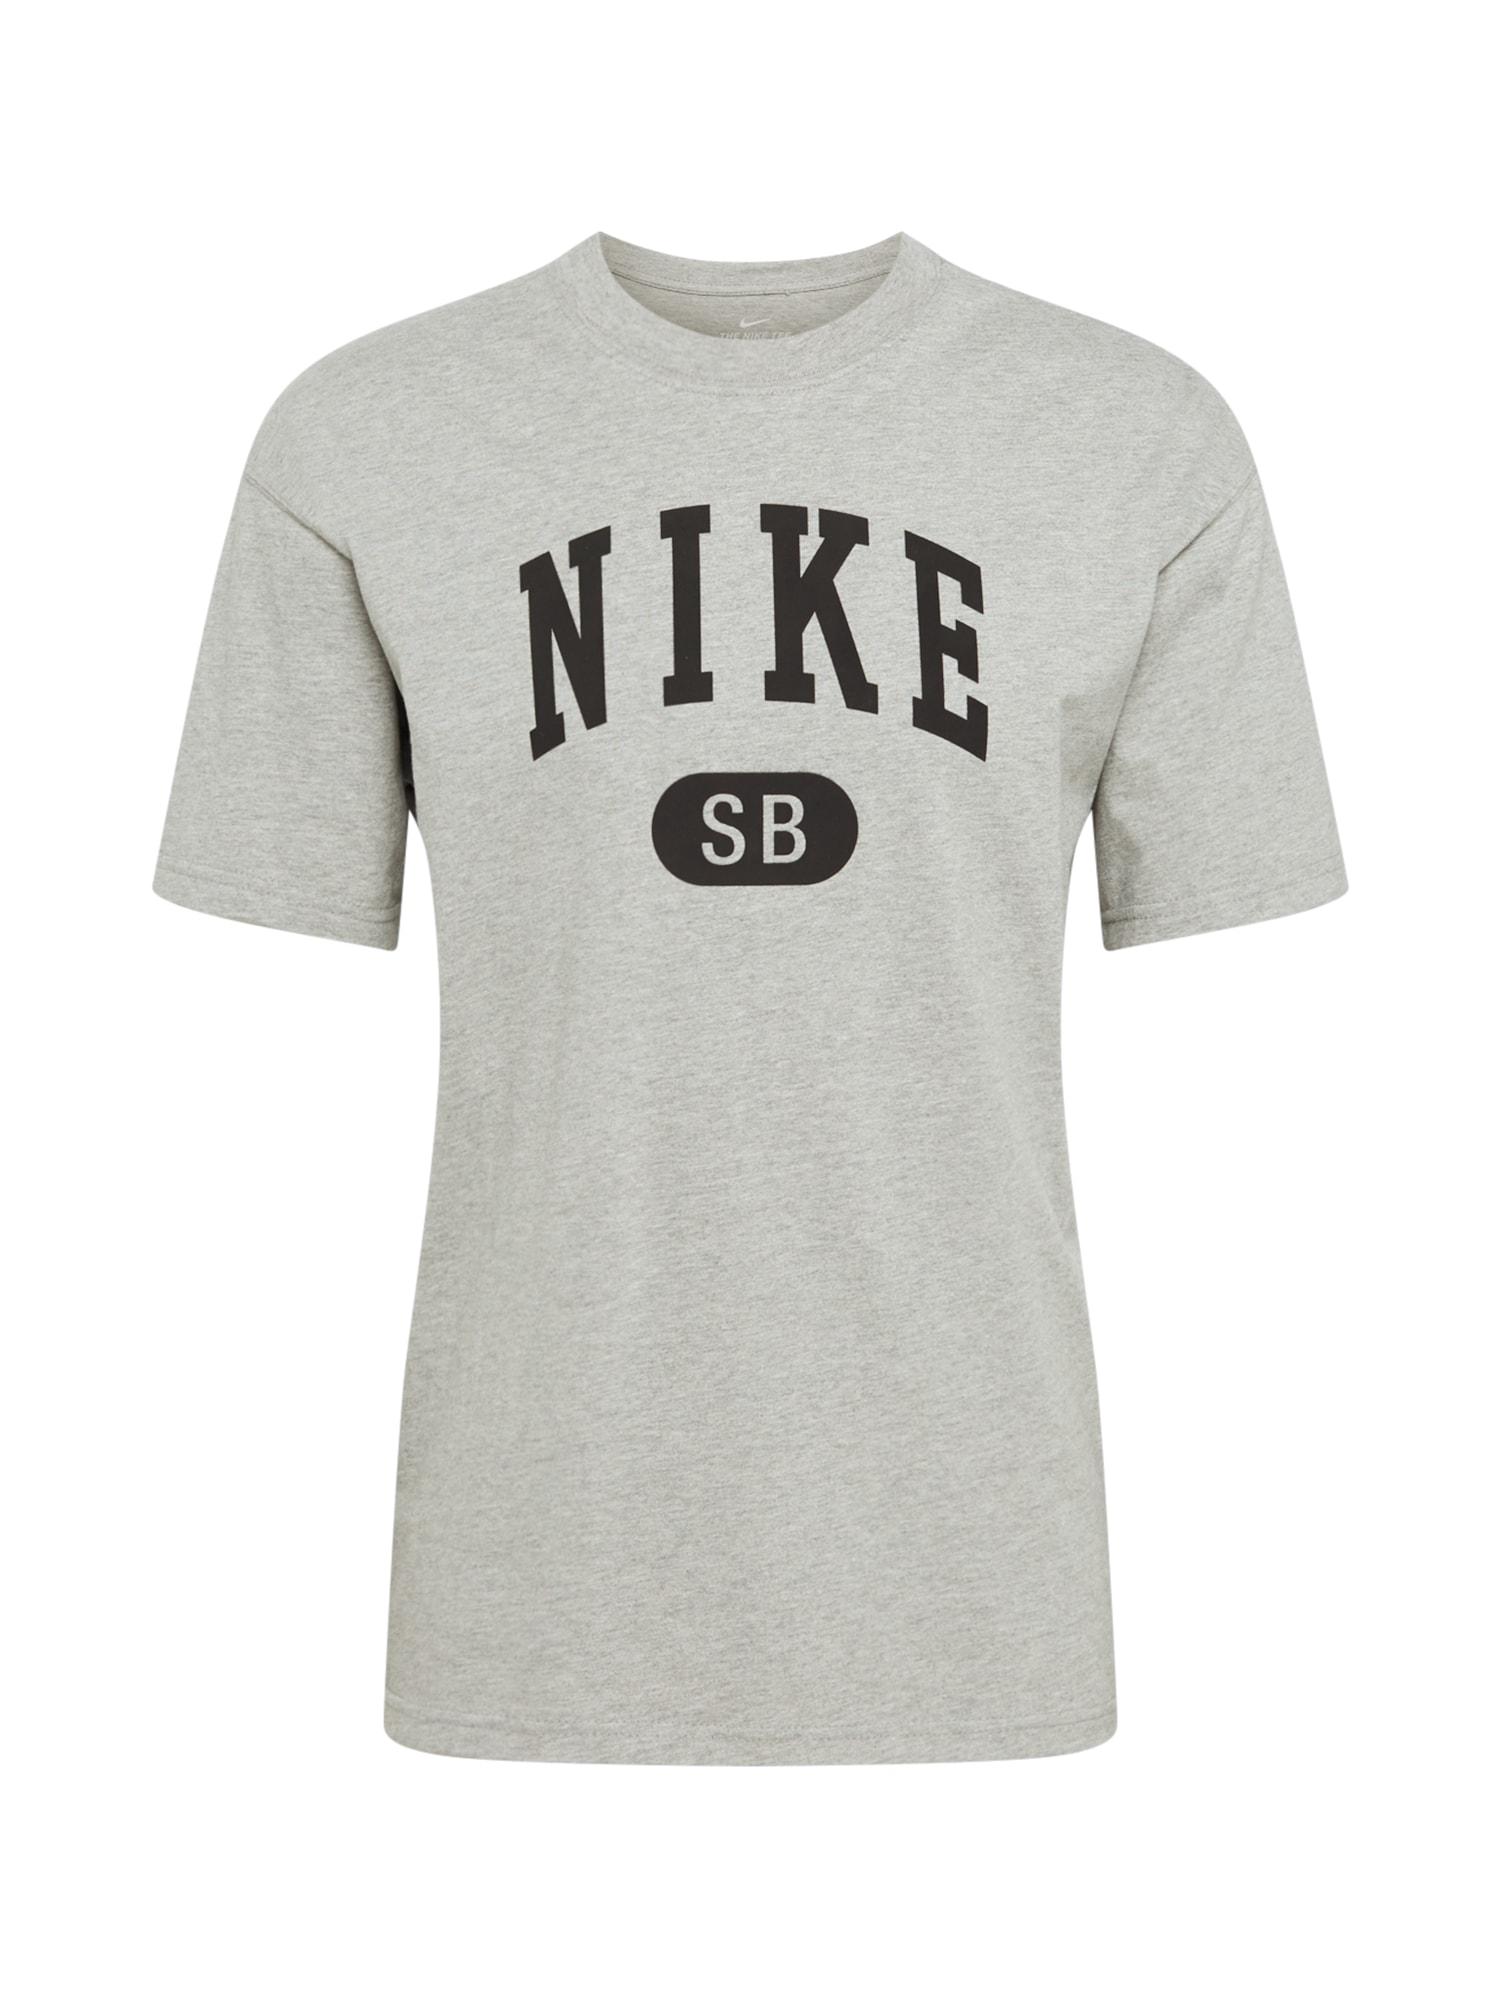 Nike SB Marškinėliai margai pilka / antracito spalva